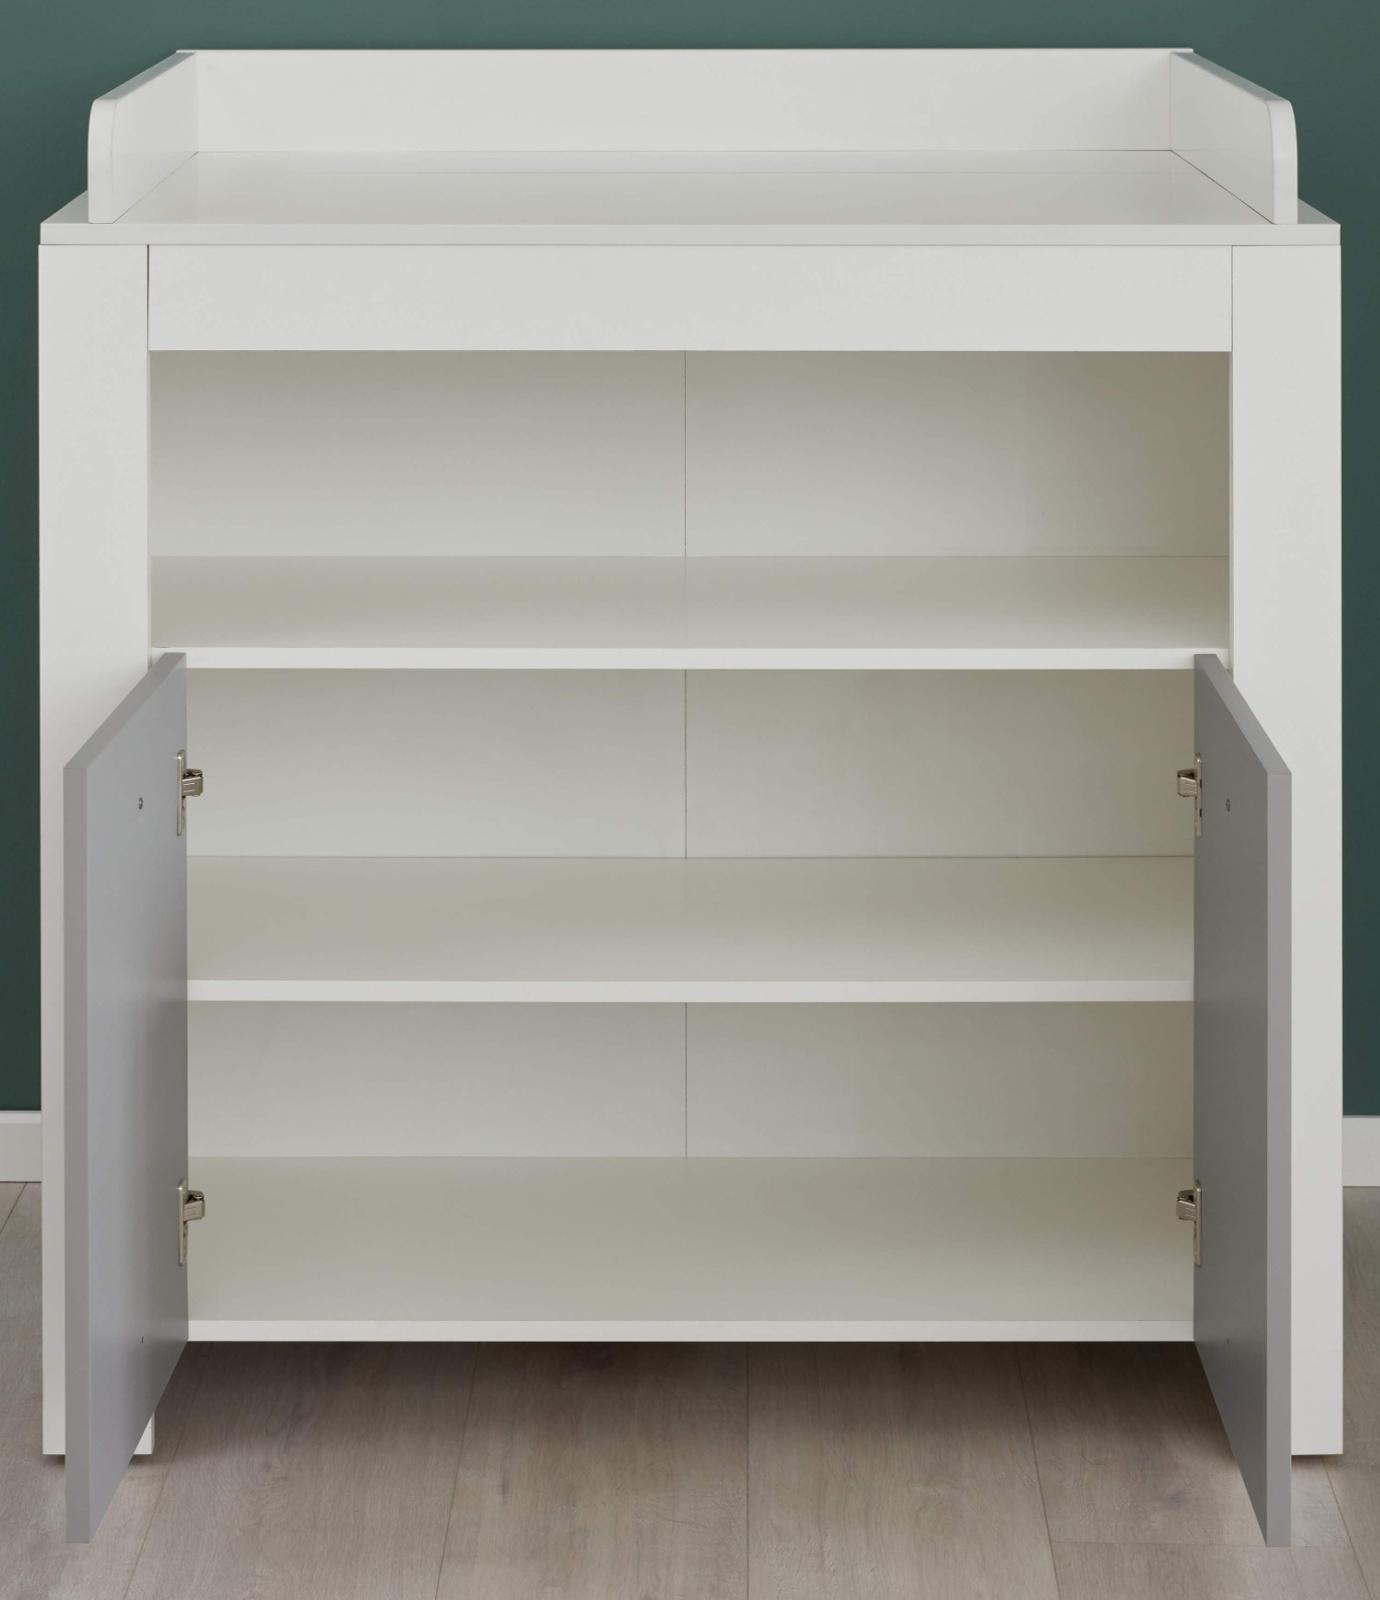 babyzimmer wilson komplett set 2 teilig. Black Bedroom Furniture Sets. Home Design Ideas